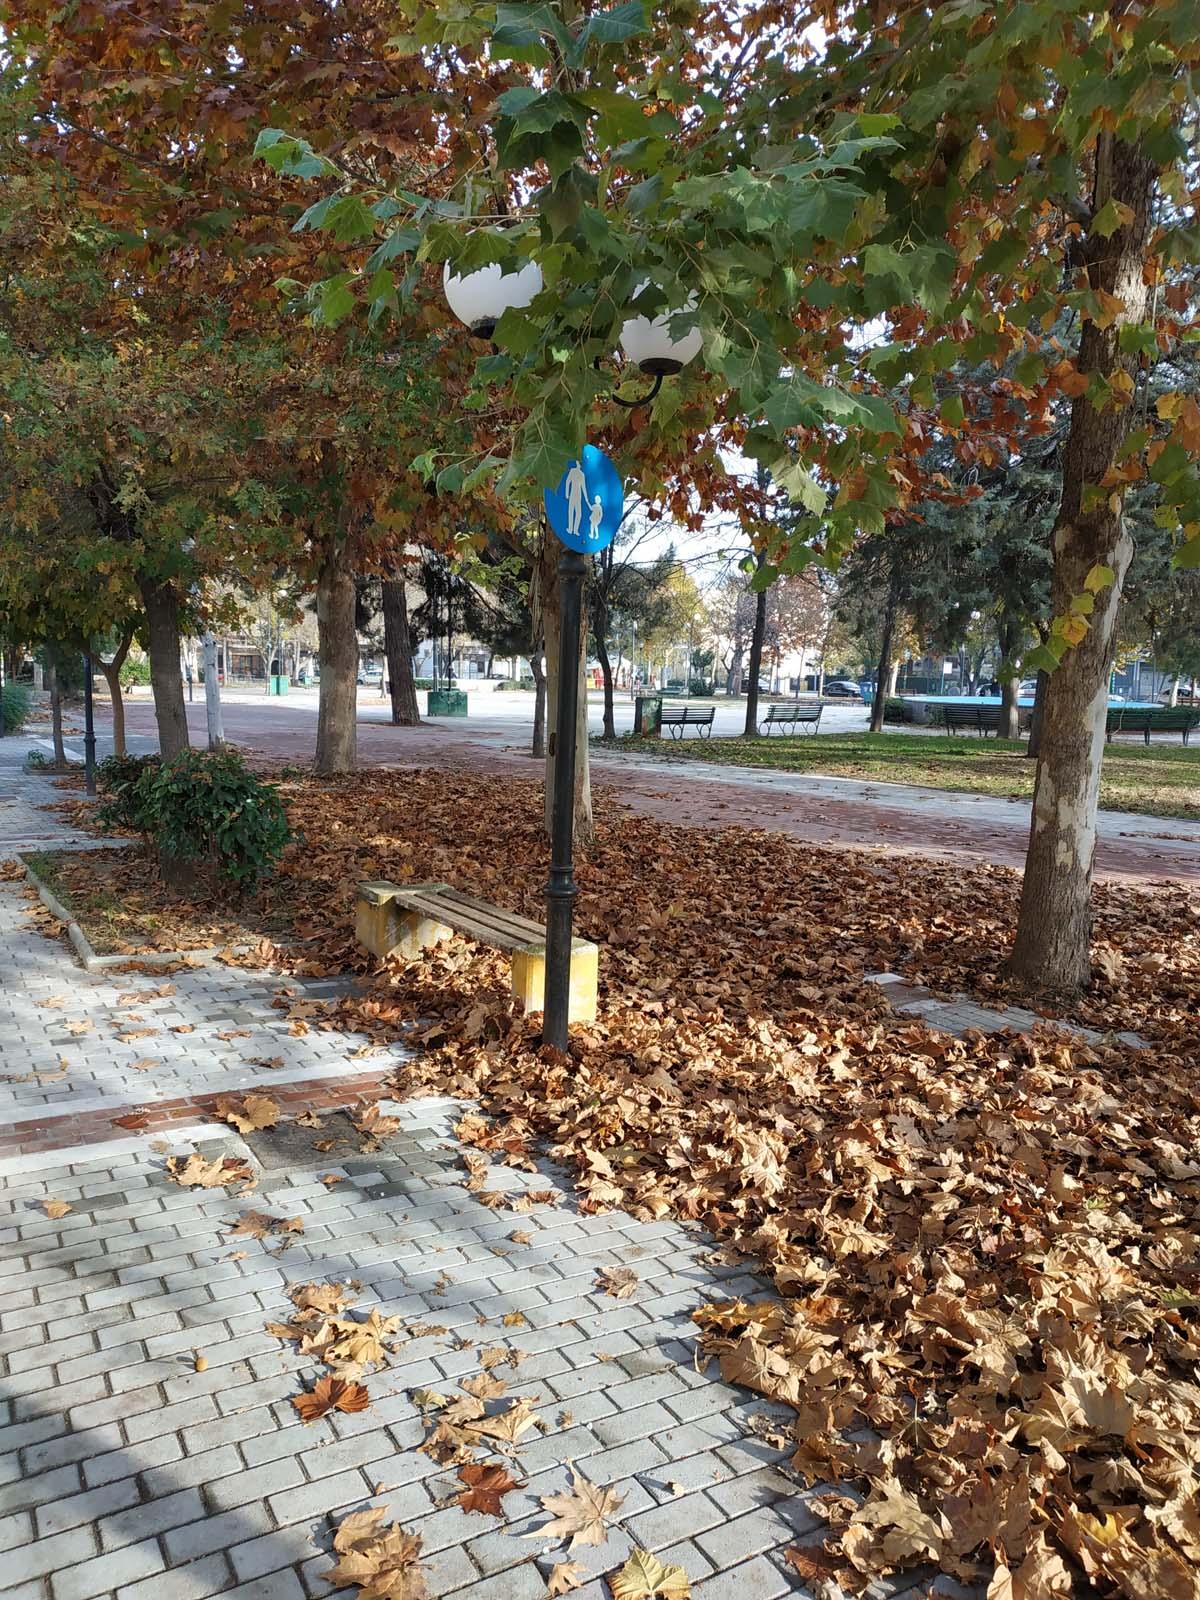 Πανέμορφη πλατεία στη Λάρισα παρατημένη στο έλεος του Θεού… (φωτο)